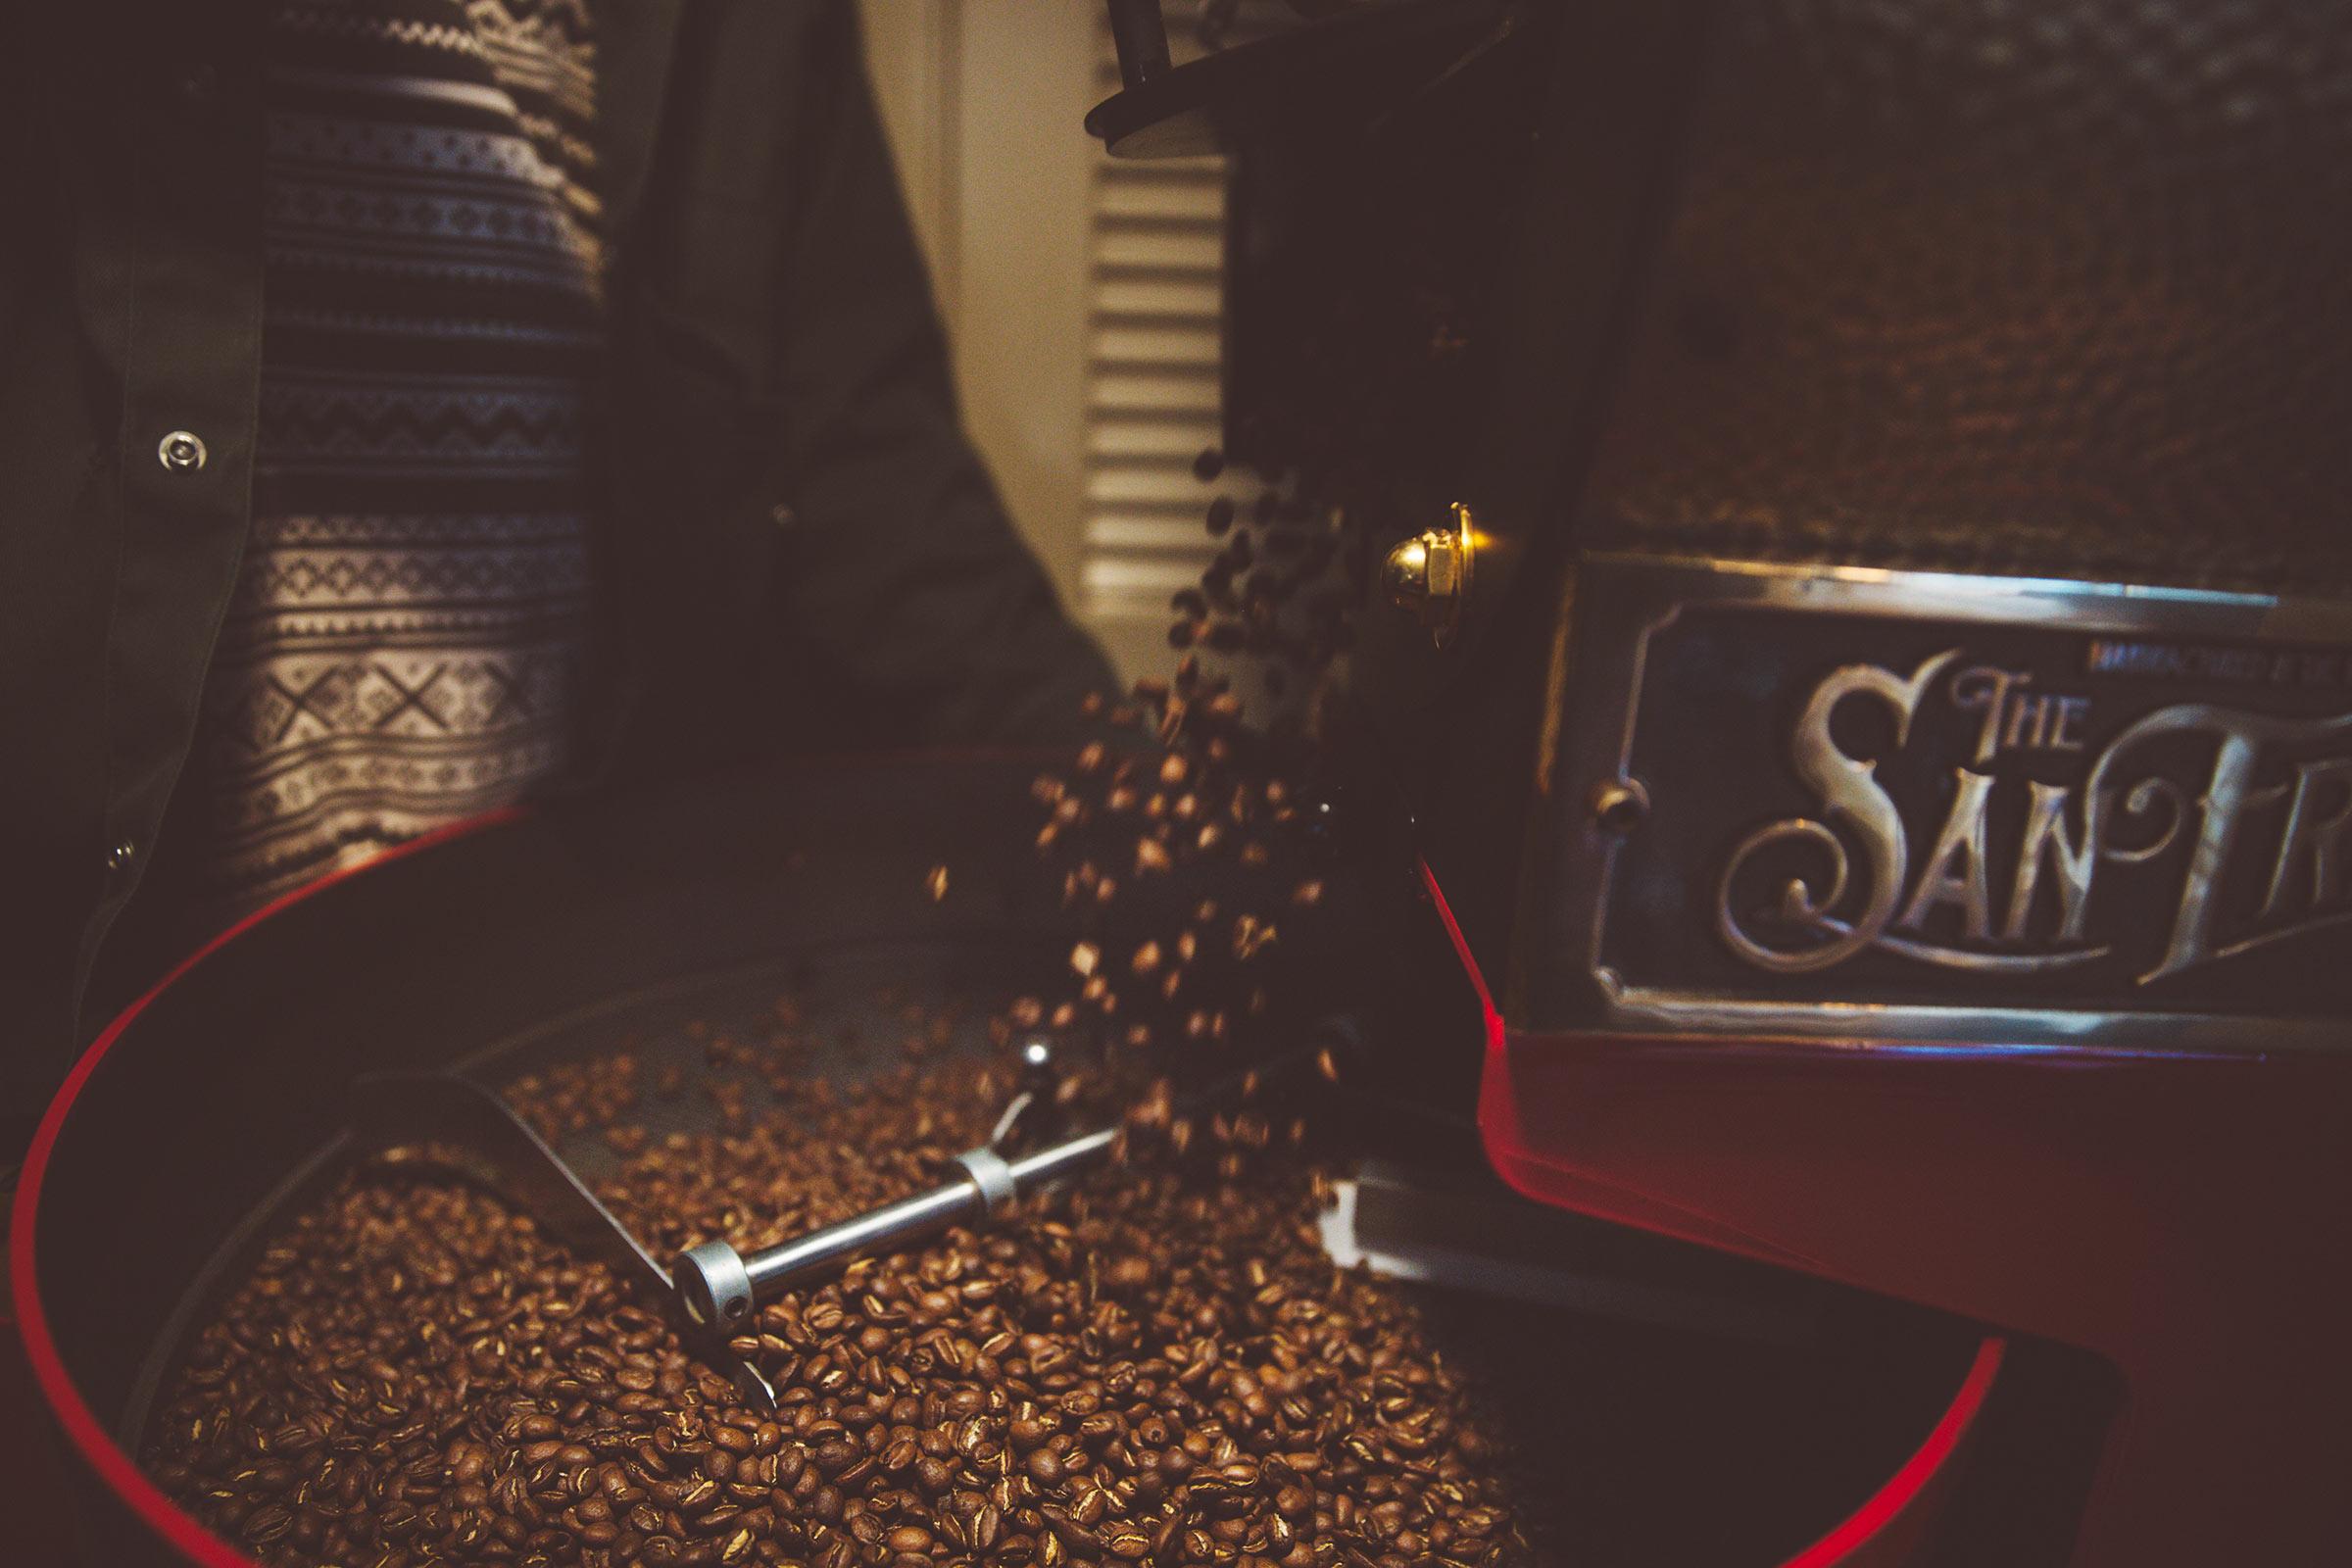 SV_beans2